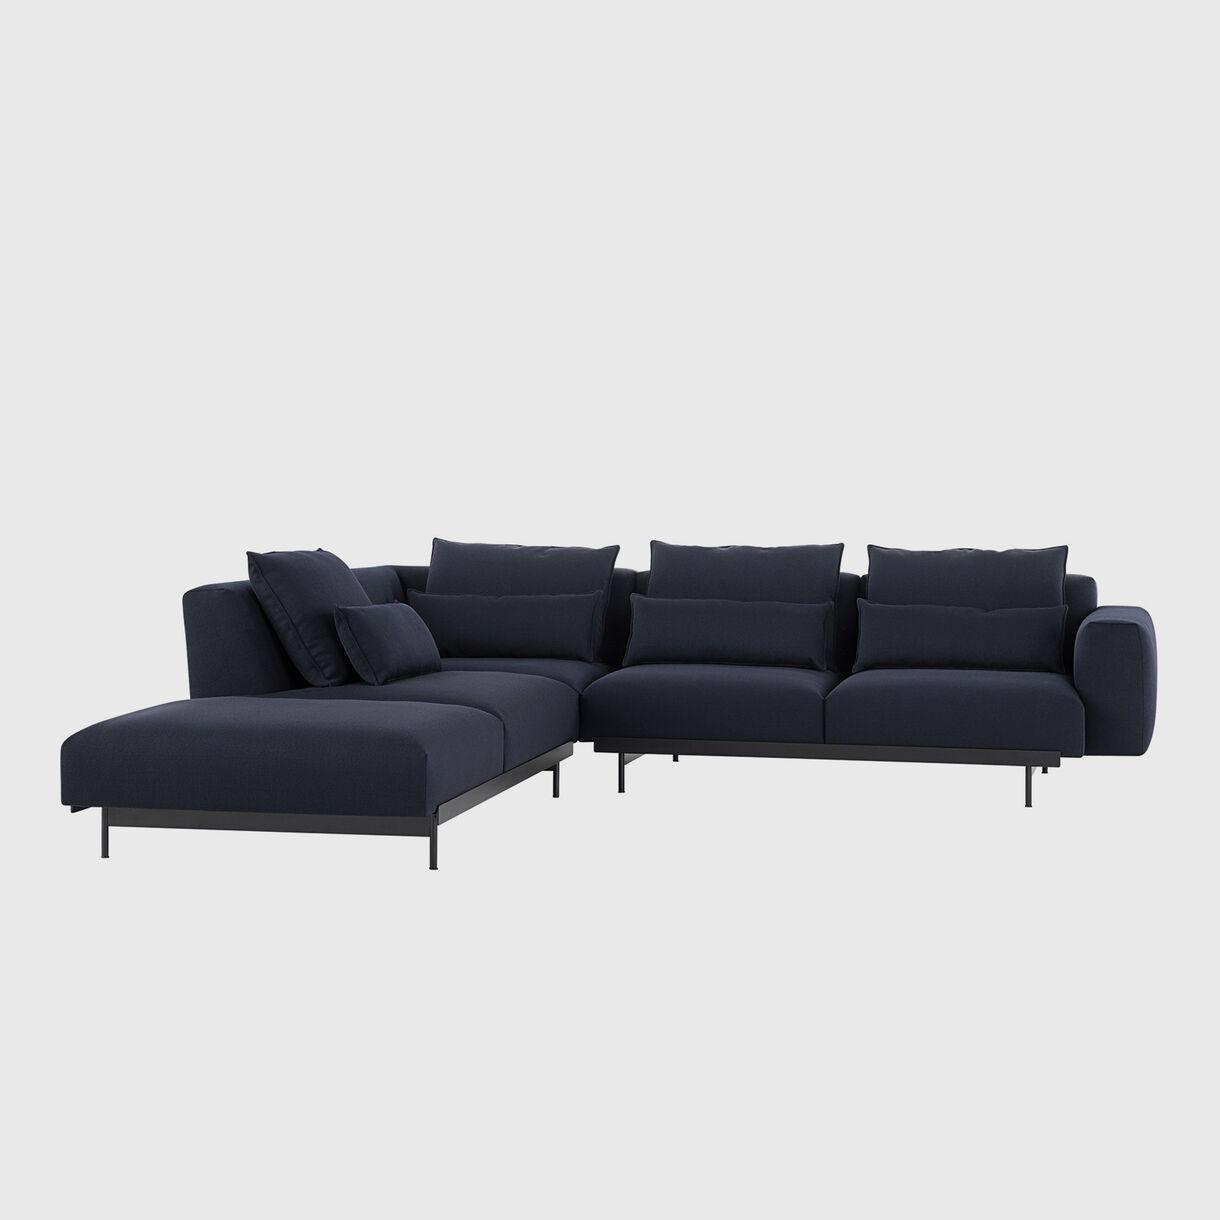 In Situ Modular Sofa - Corner Configuration 2, Vidar 554